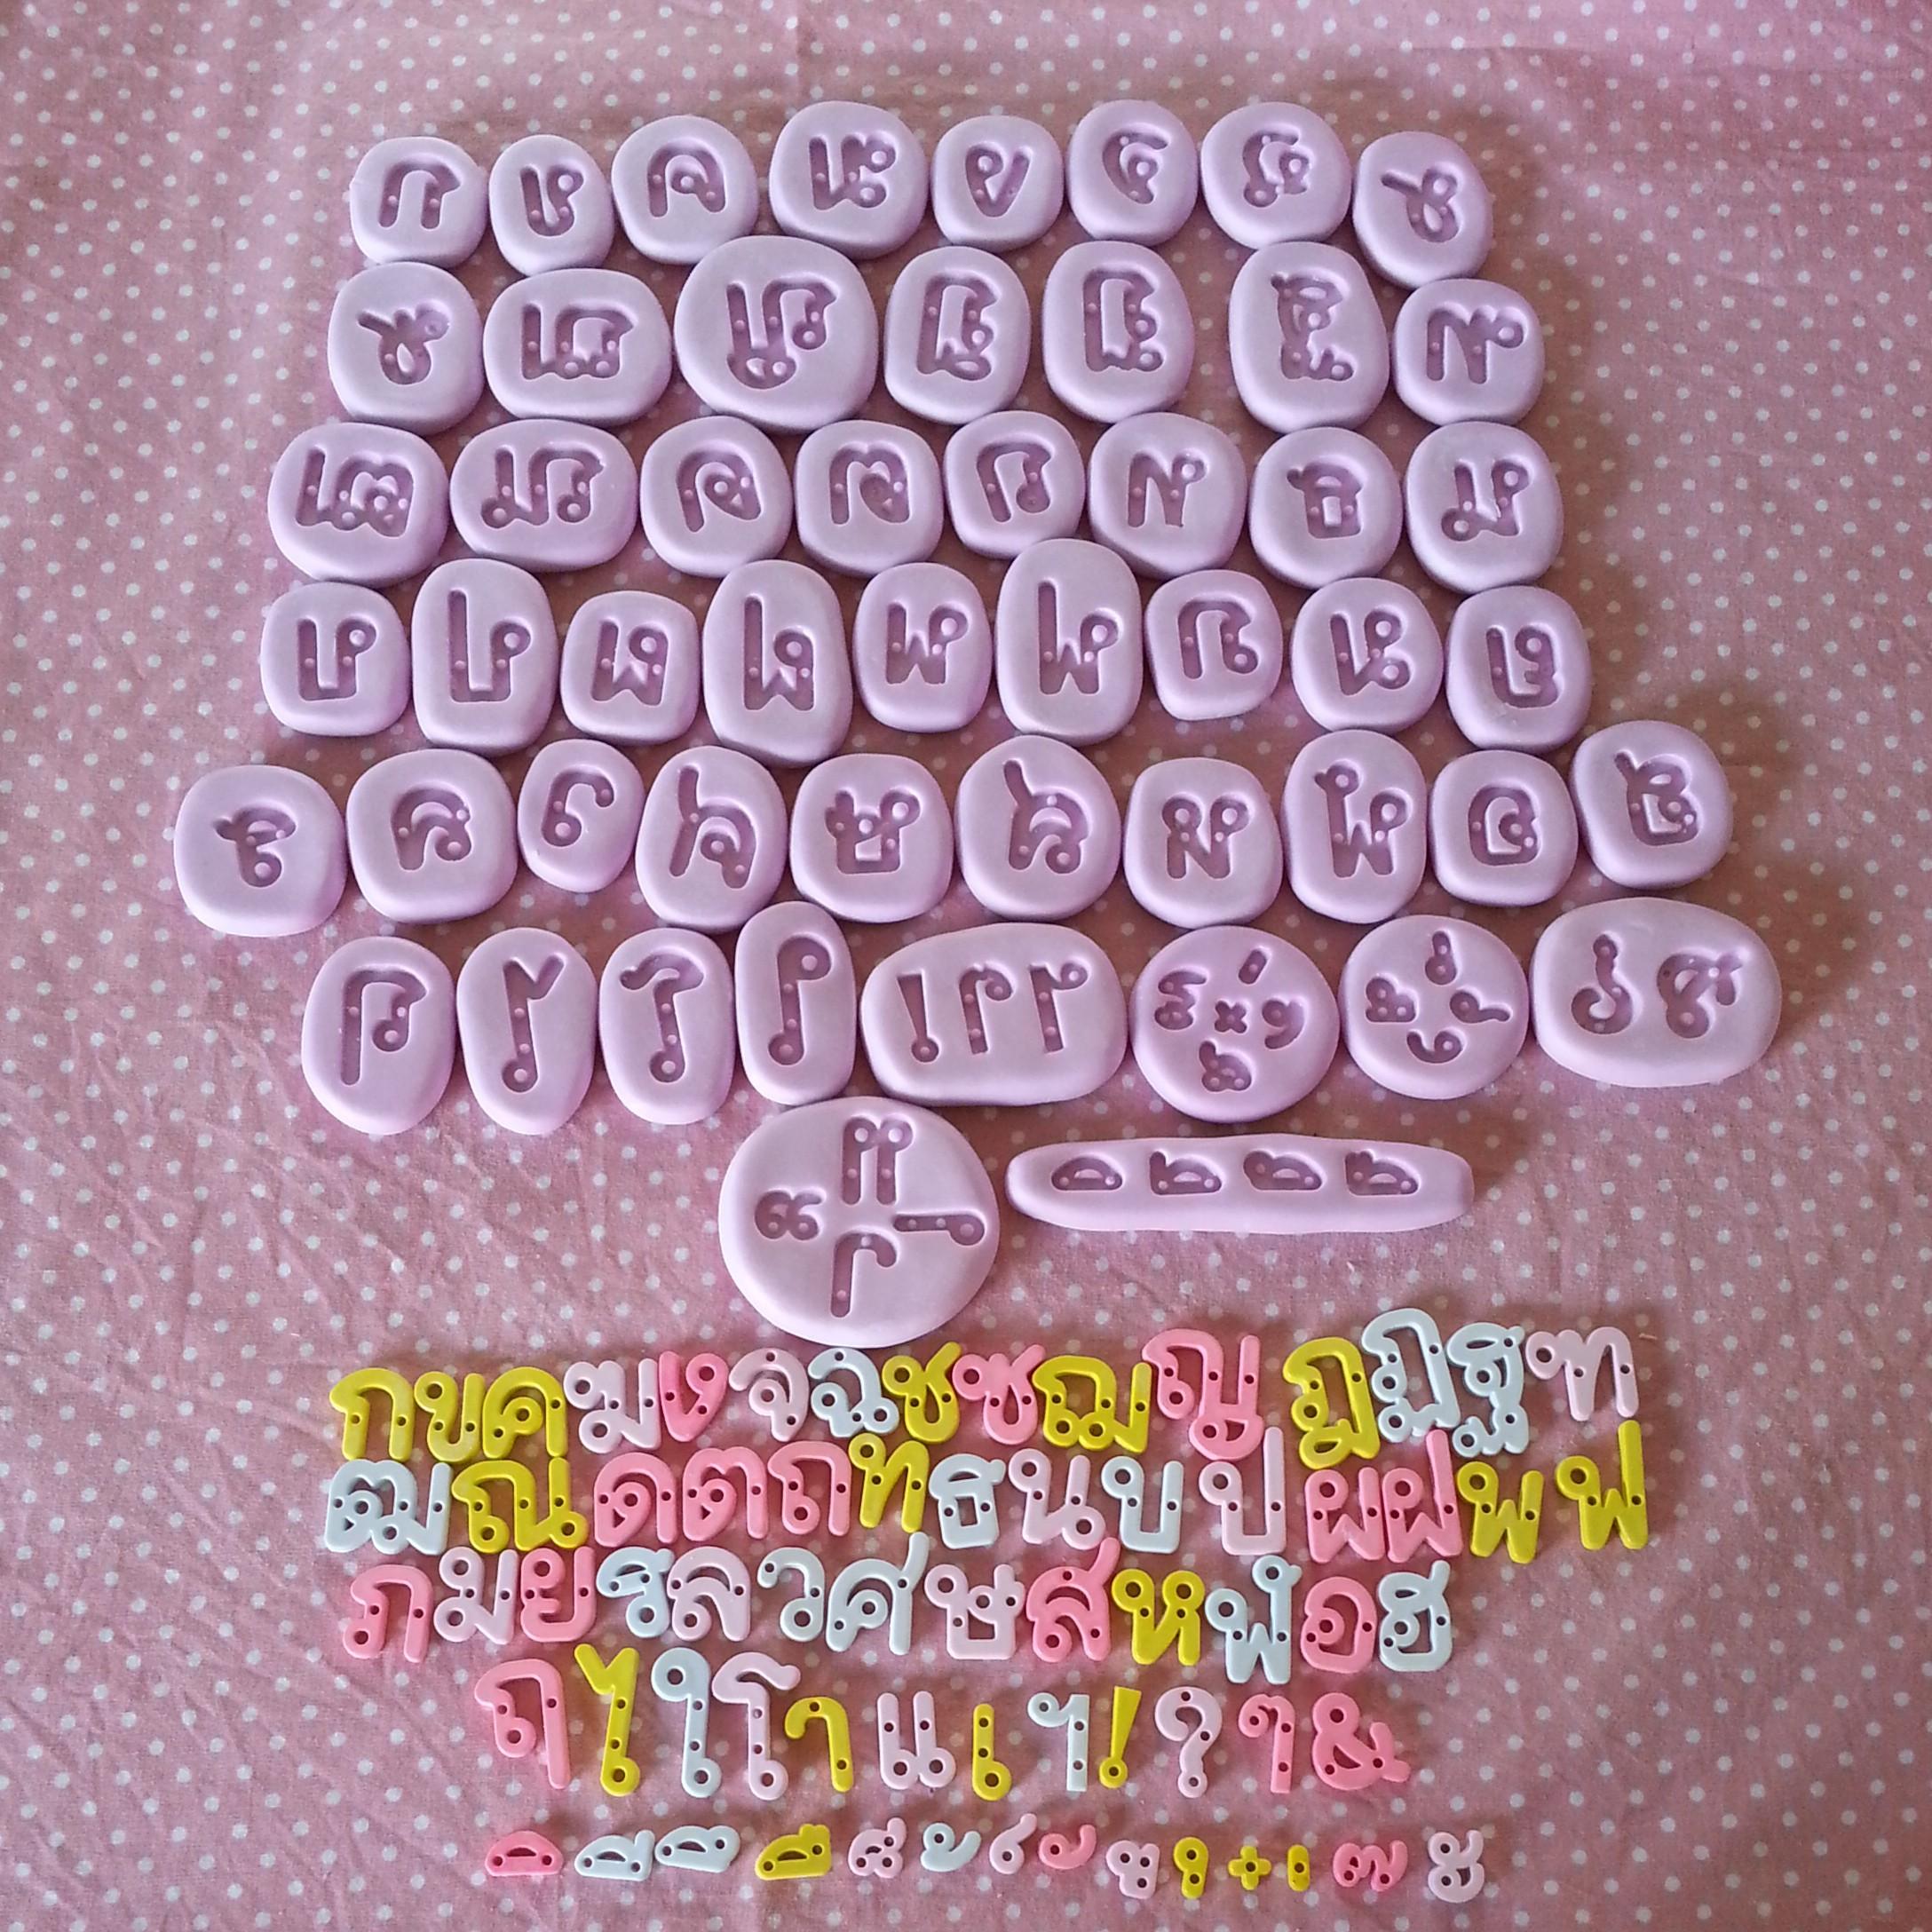 แม่พิม ภาษาไทยรวมสระและสัญลักษณ์ แม่พิมซิลิโคนรวม 68 ตัวอักษร ขนาด1.5cm